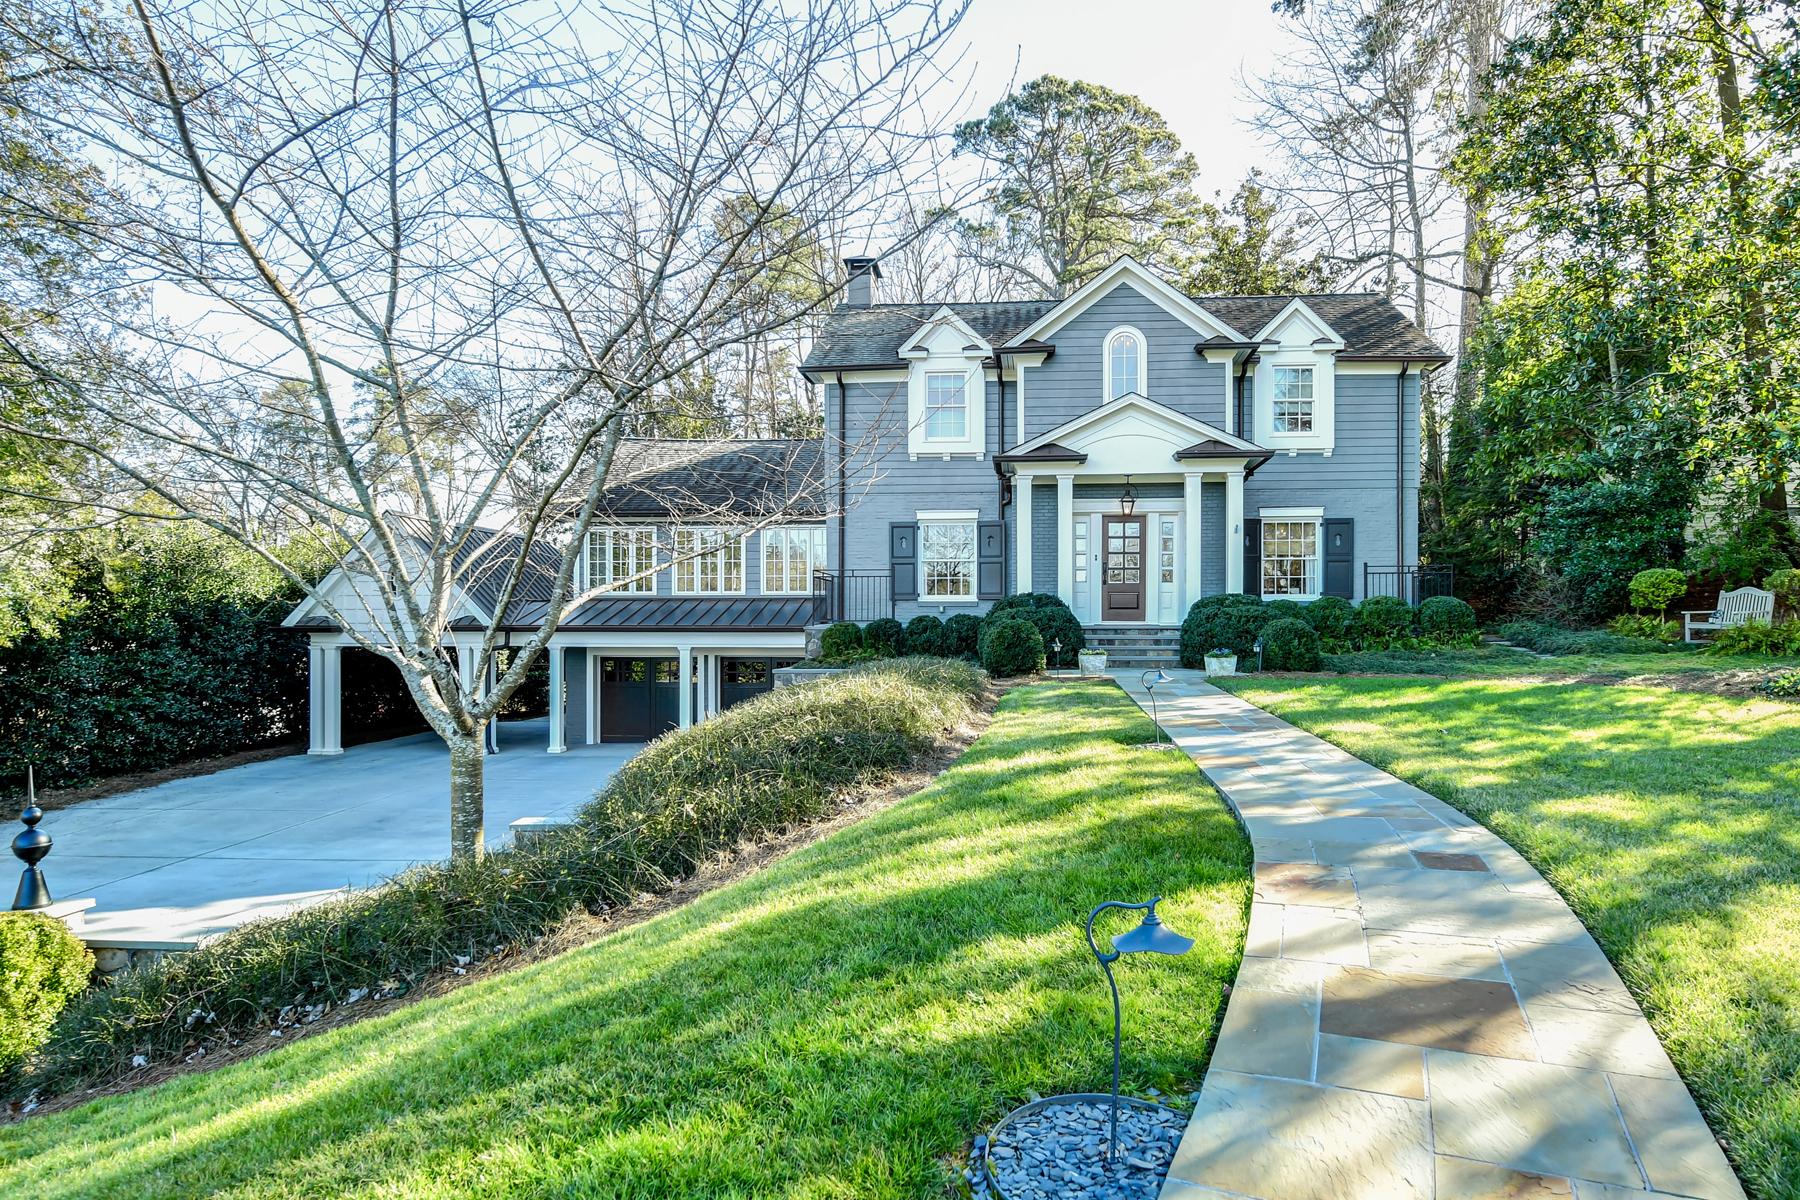 Частный односемейный дом для того Продажа на Exceptional Style and Sophistication in this Historic Brookhaven Home 19 Brookhaven Drive NE Atlanta, Джорджия 30319 Соединенные Штаты